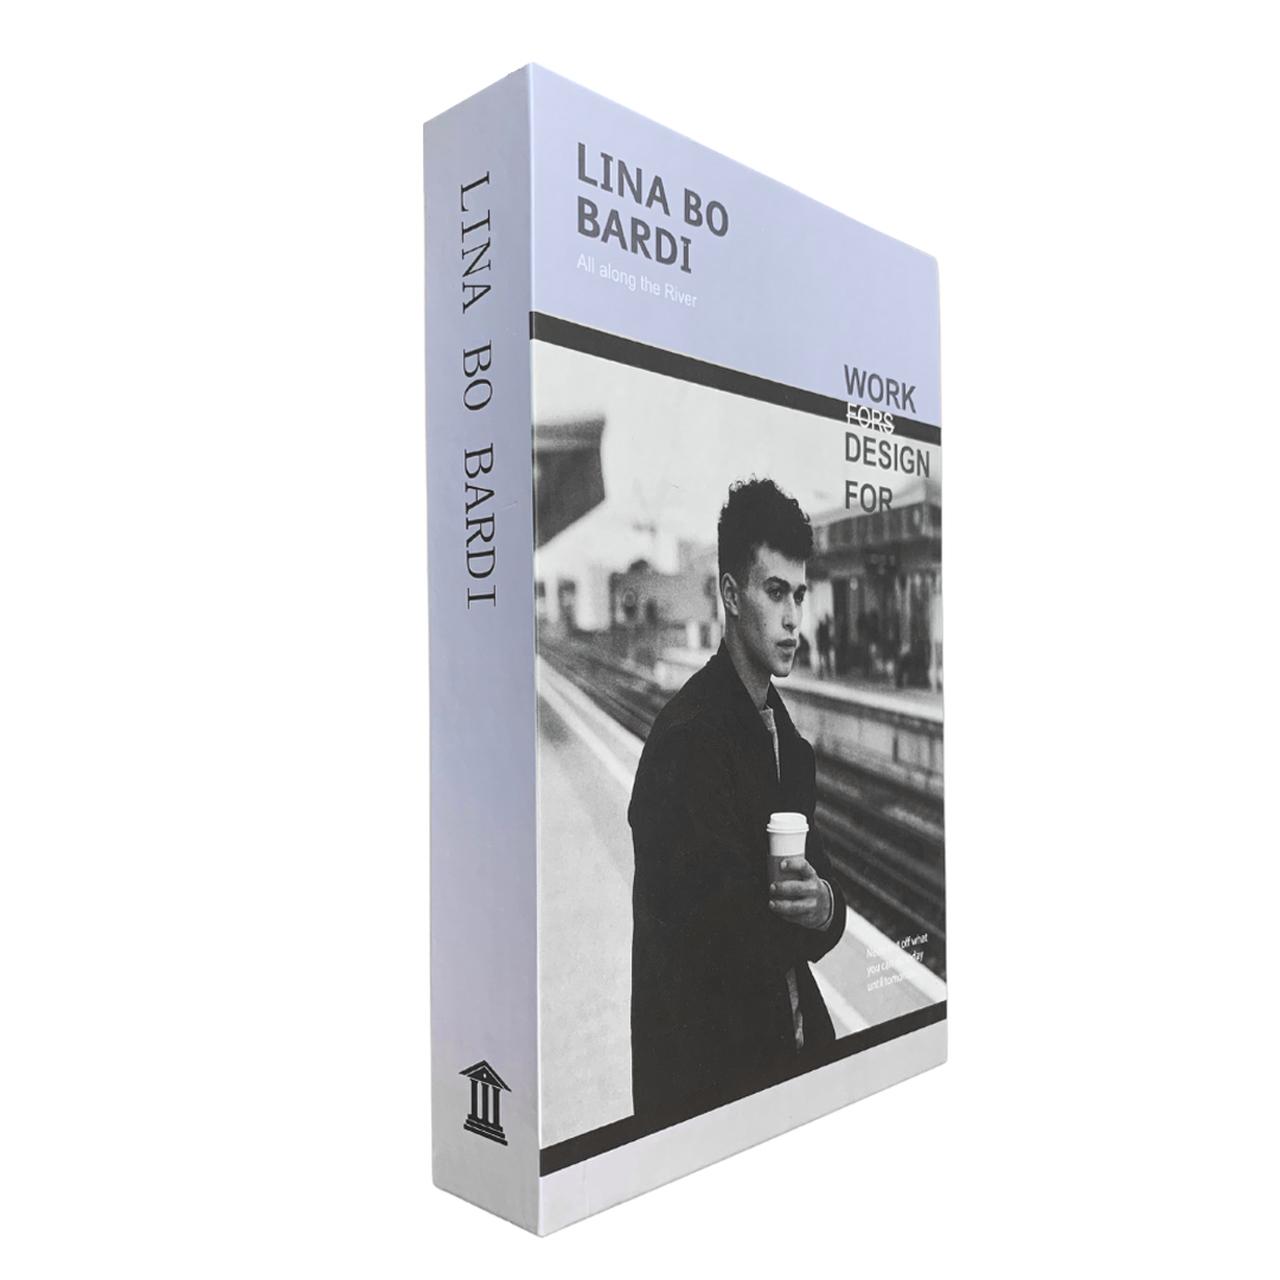 Caixa Livro Decorativa Lina Bo Bardi